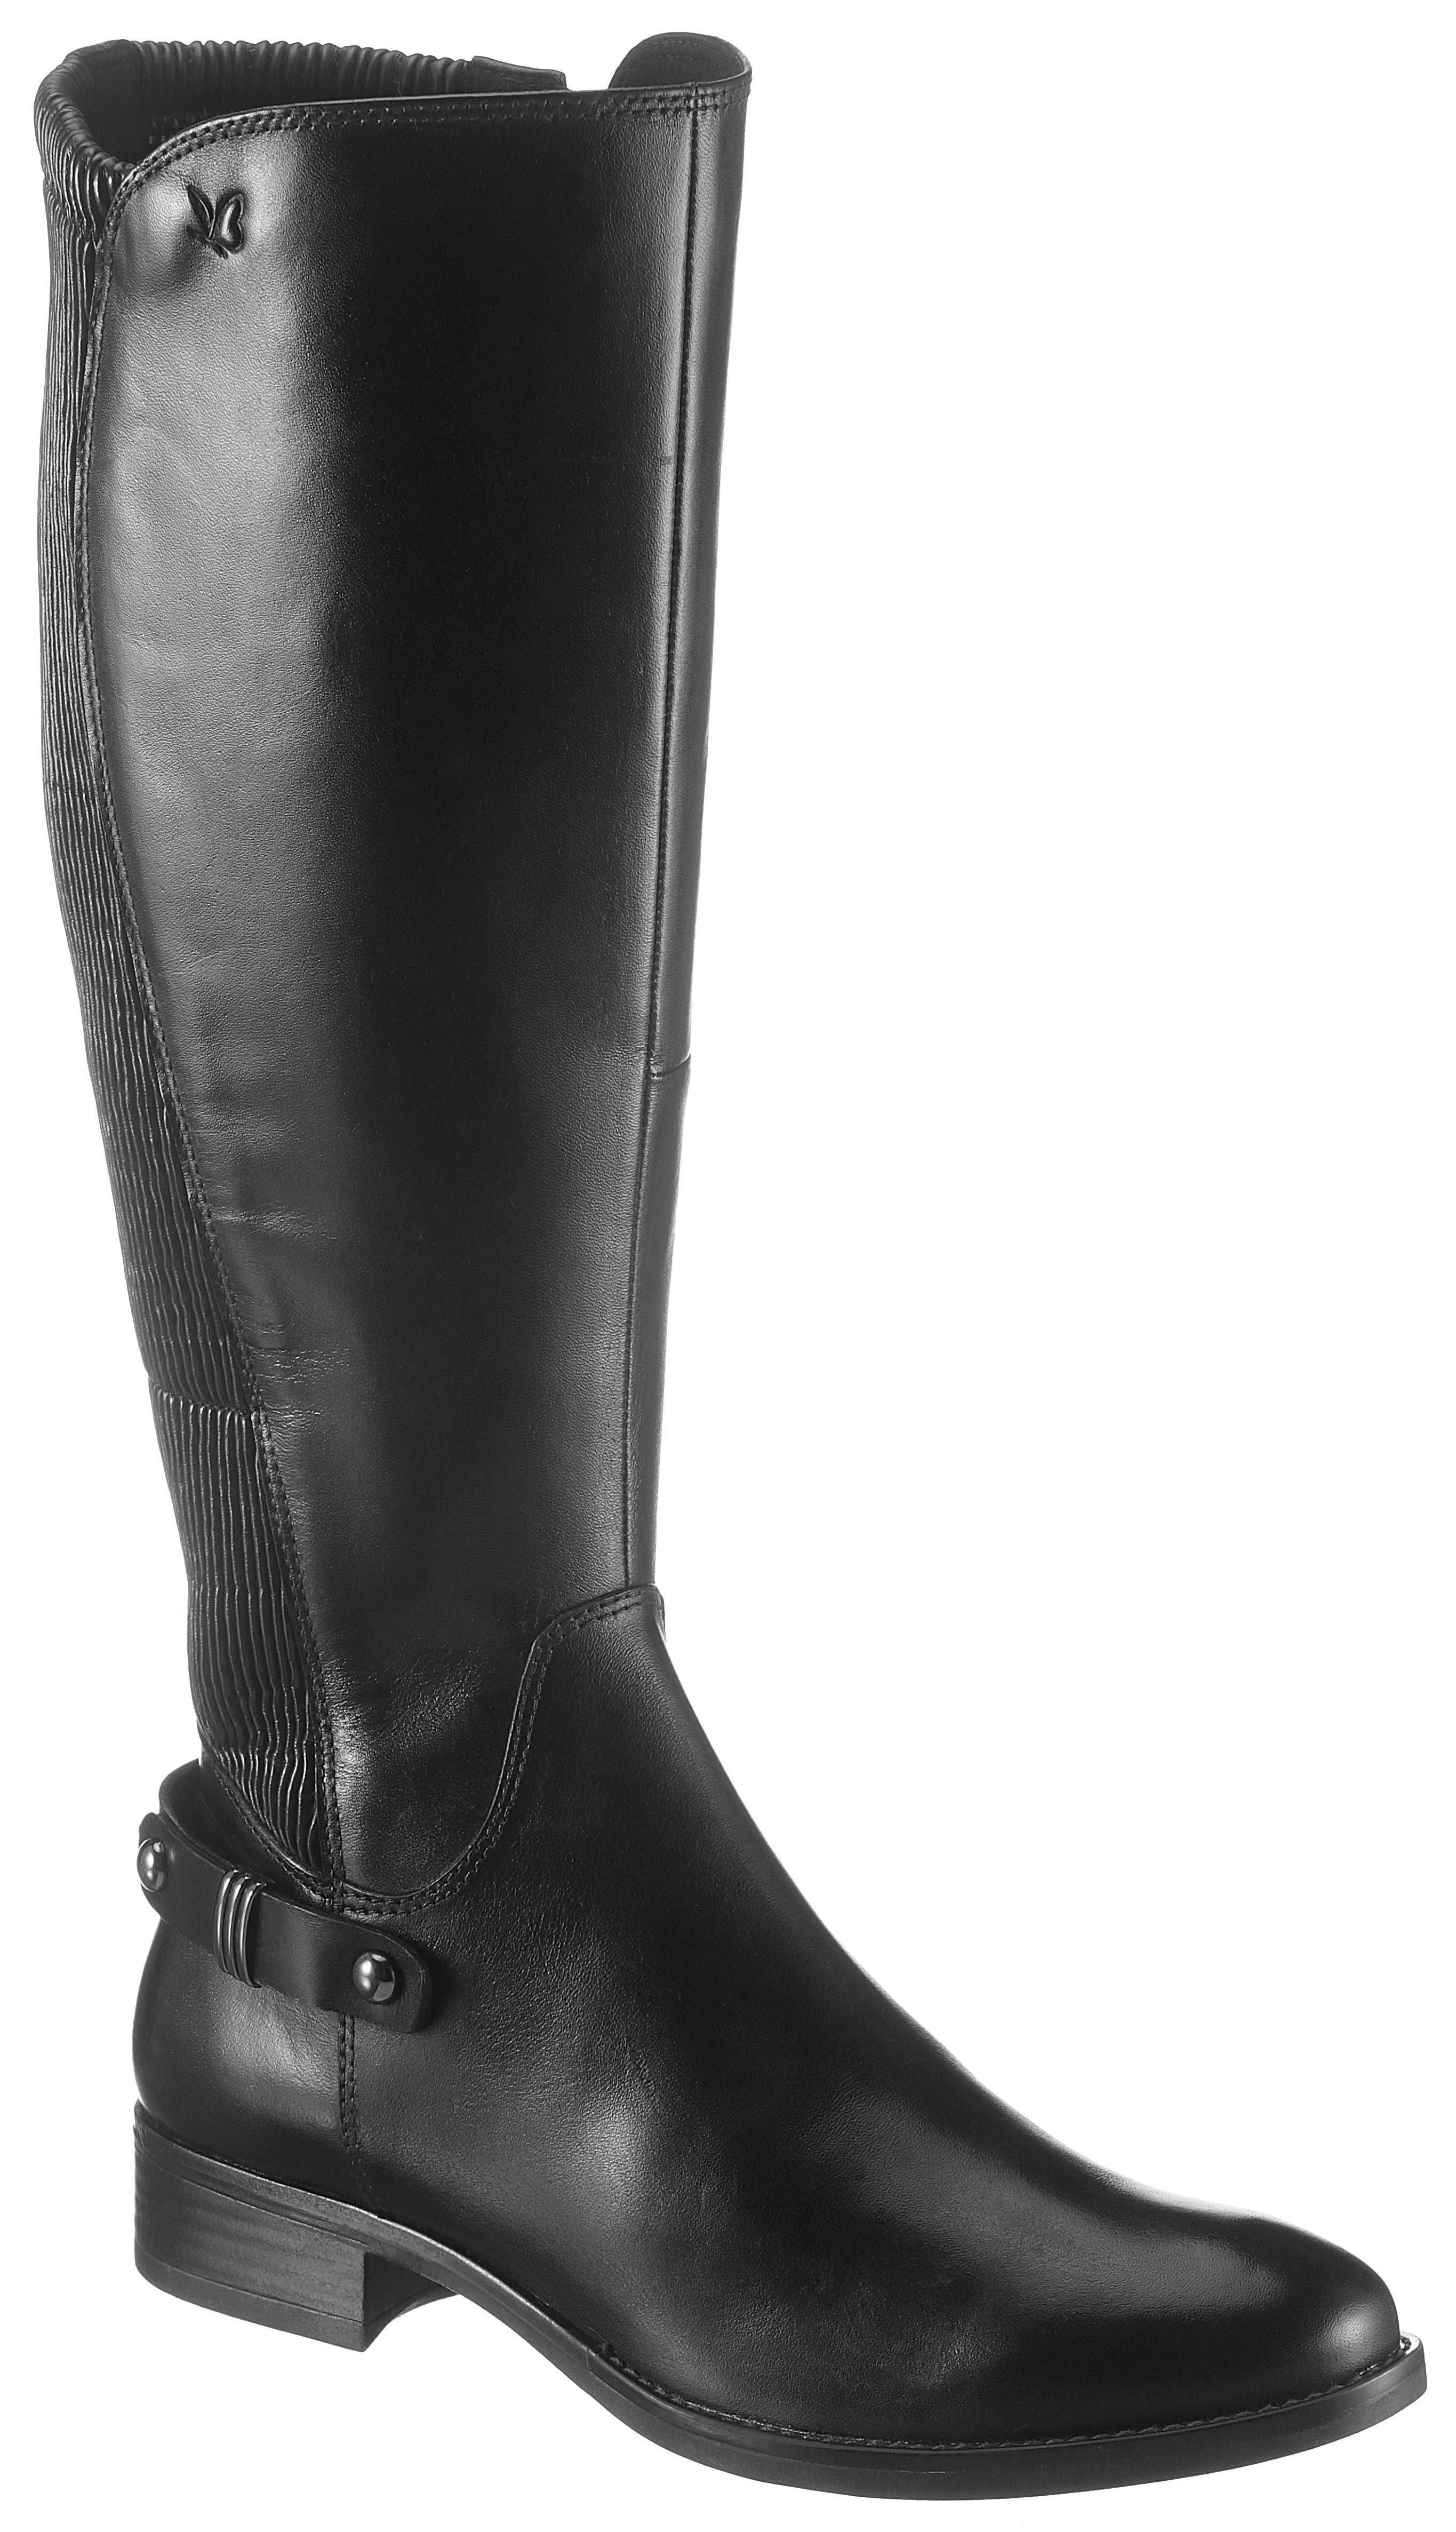 KaufenOtto Xl Online Klassischen Stiefel Mit Look SchaftIm Caprice NvP8n0mwyO